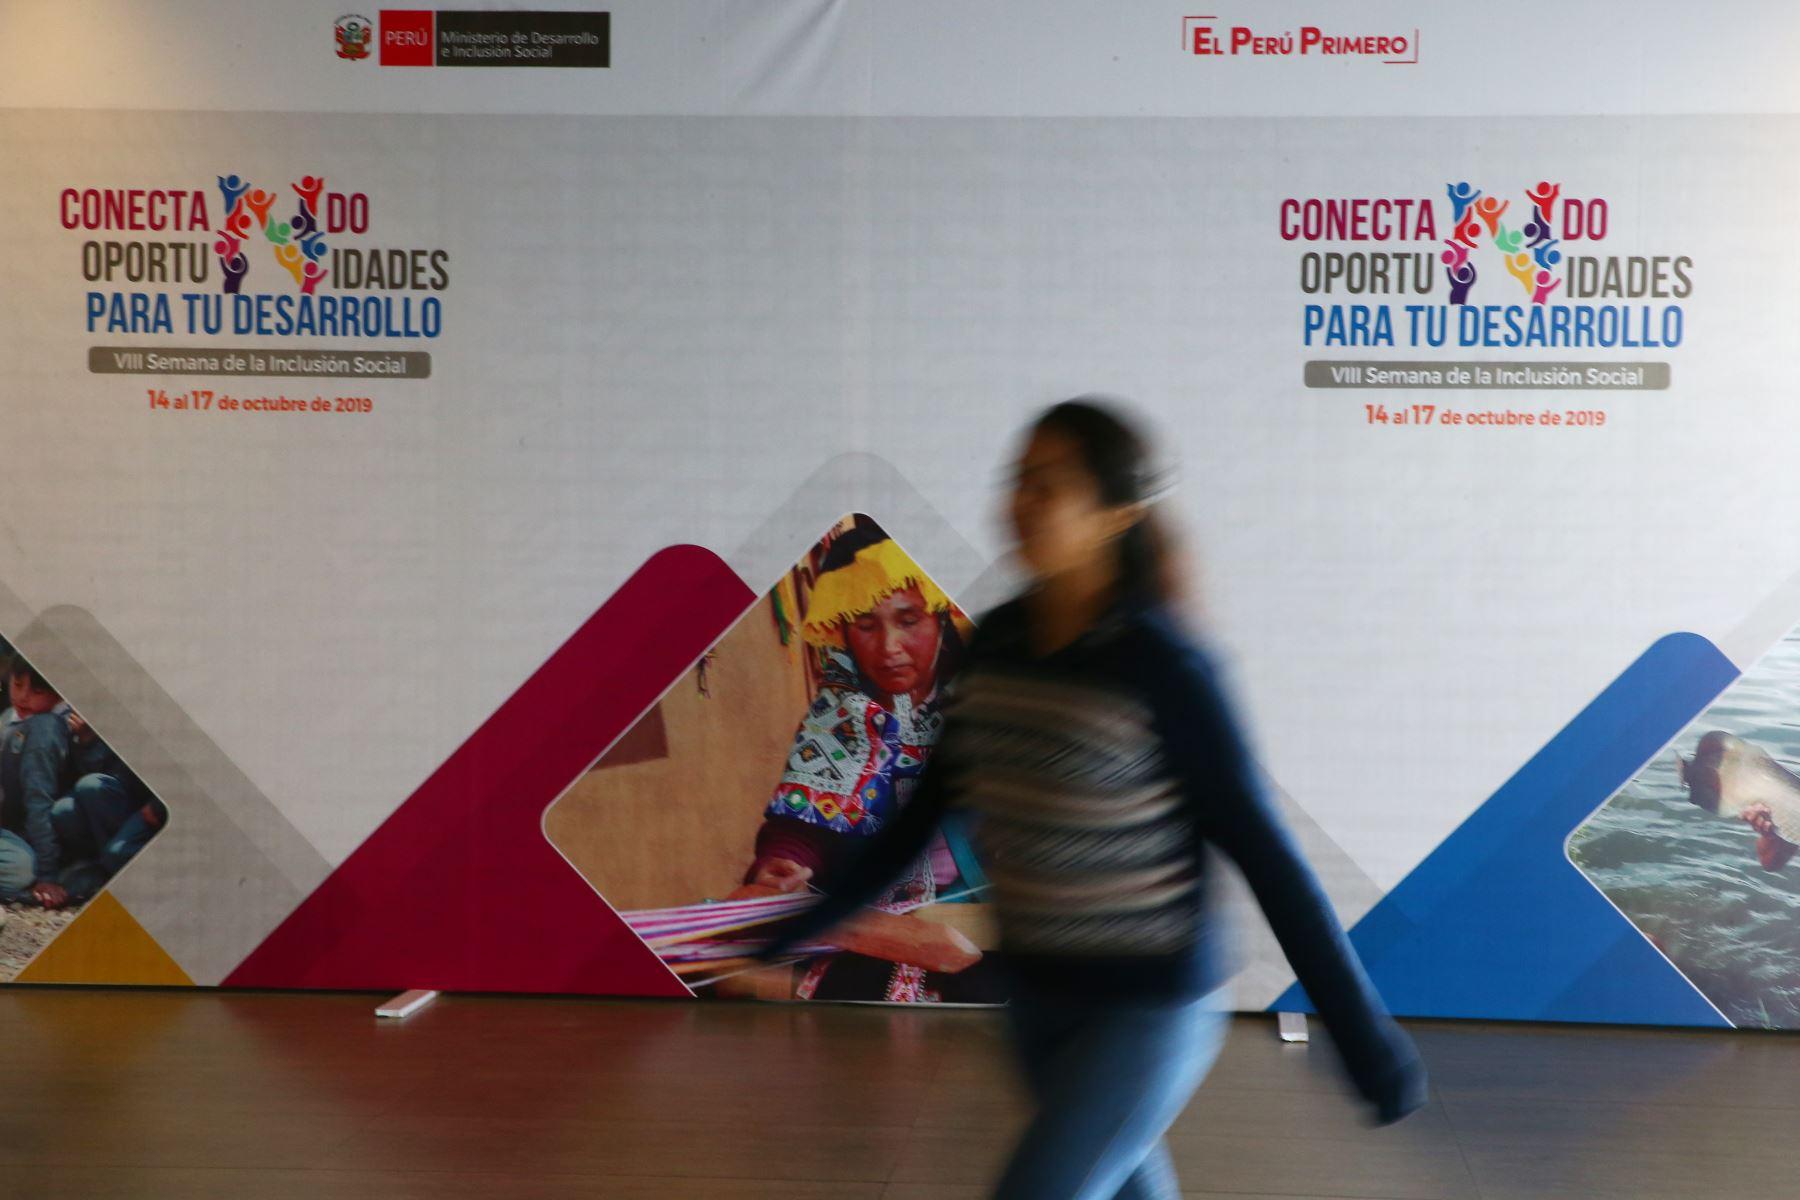 VIII Semana de la Inclusión Social. Foto: ANDINA/Melina Mejía